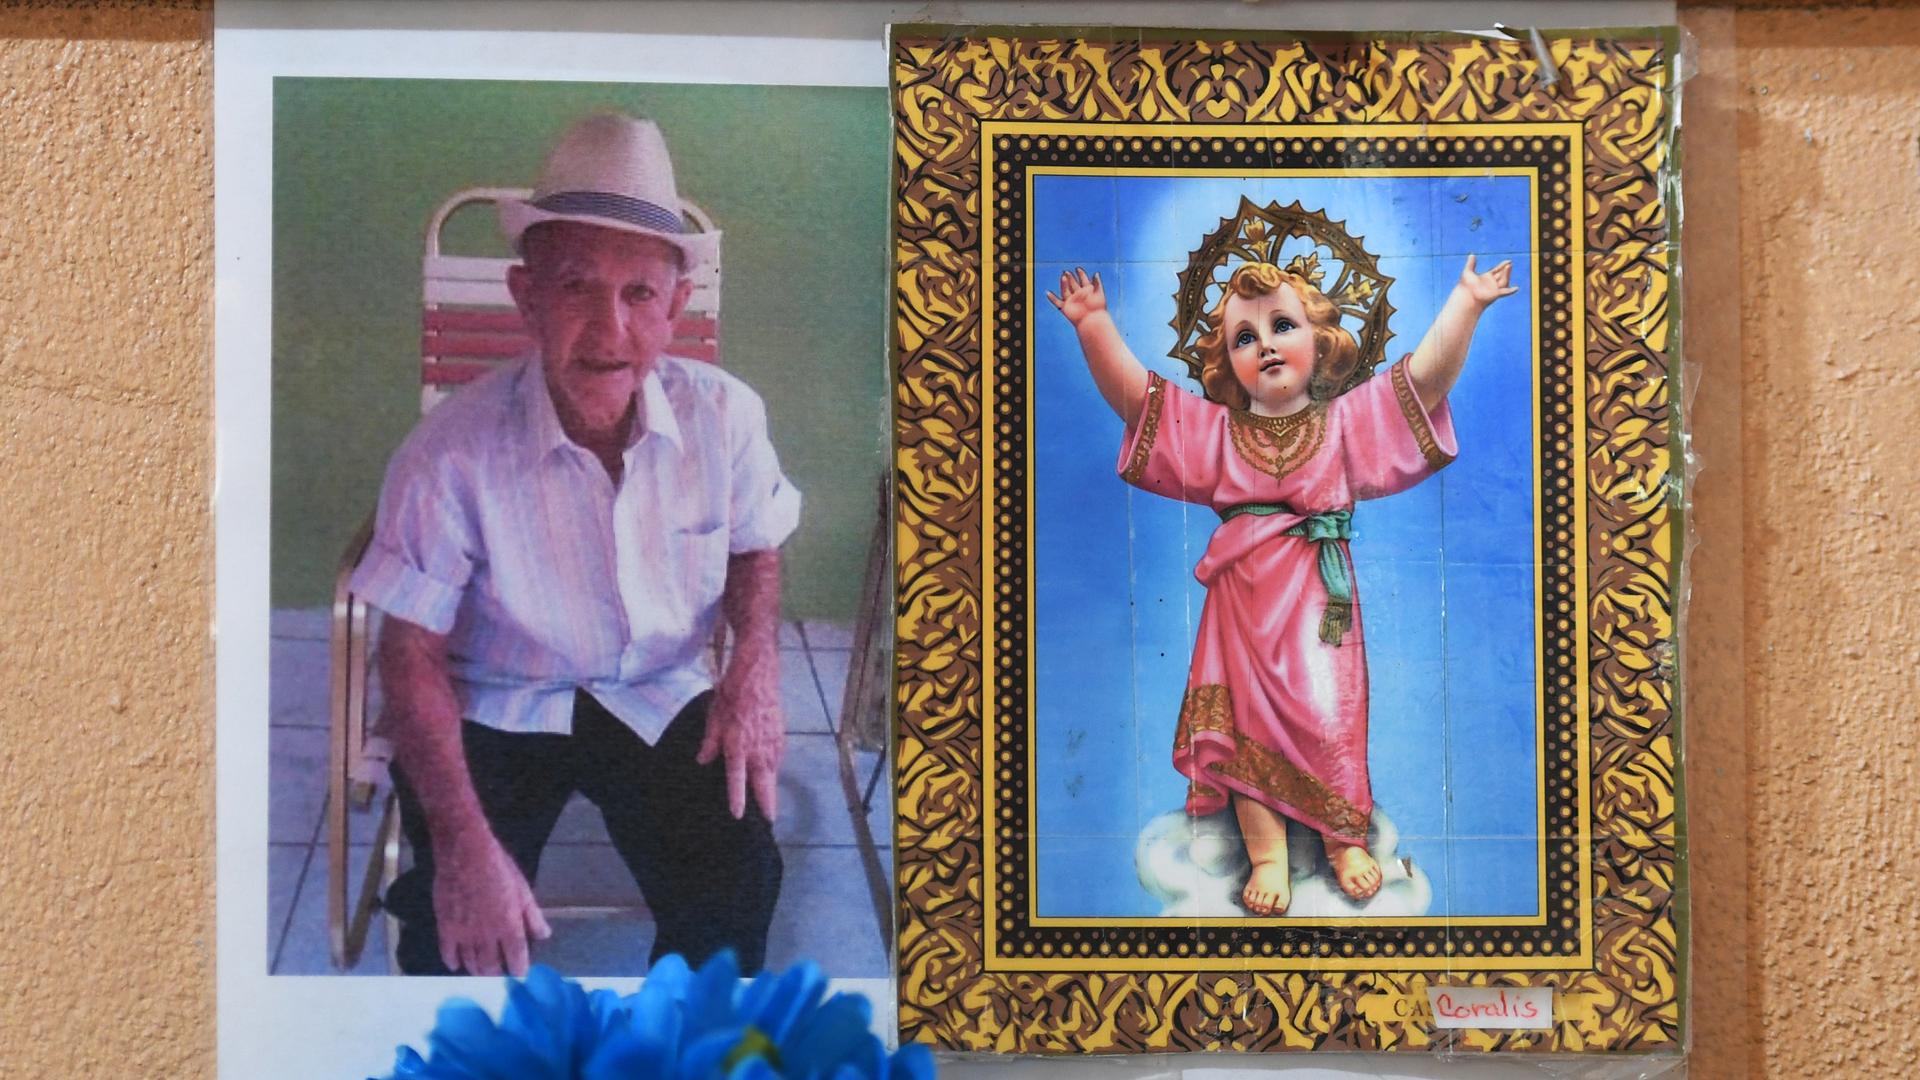 El dolor de cargar a un ser querido que murió durante el huracán María